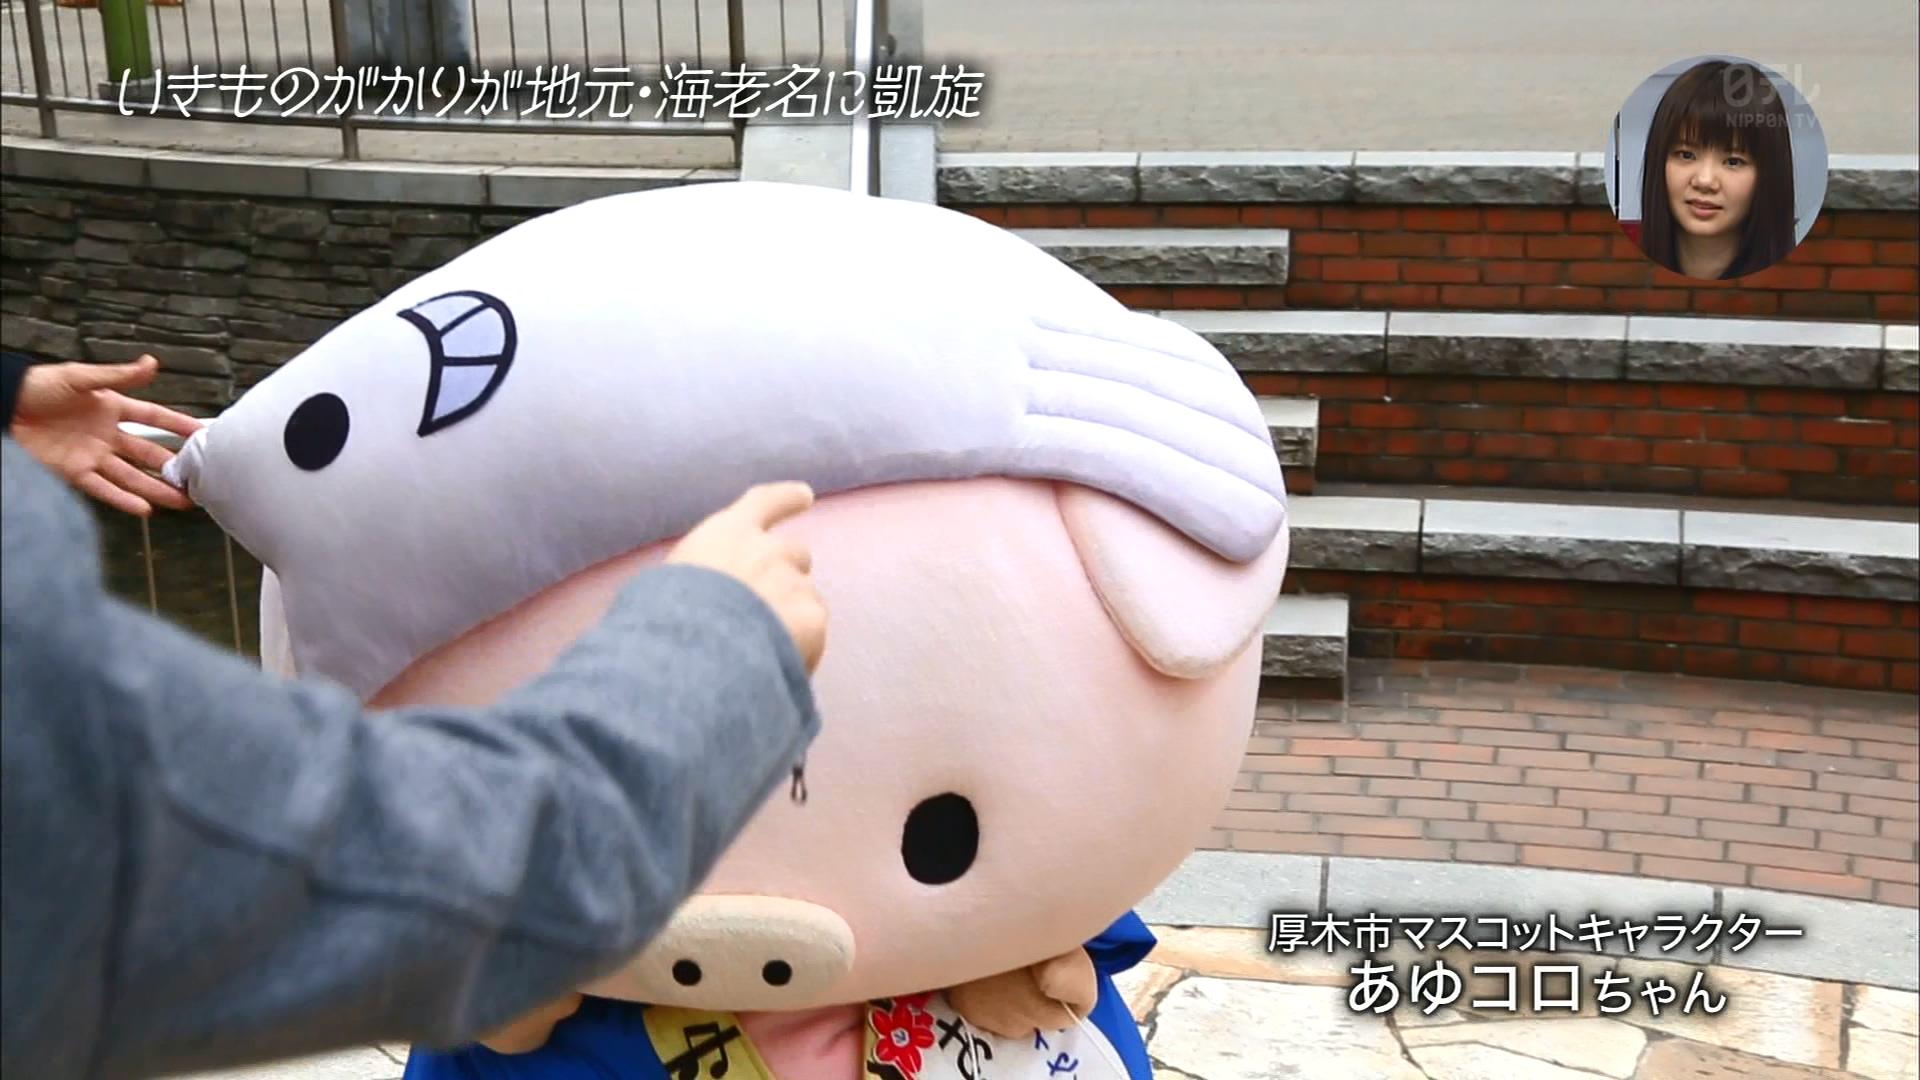 2016.03.13 全場(おしゃれイズム).ts_20160314_011500.779